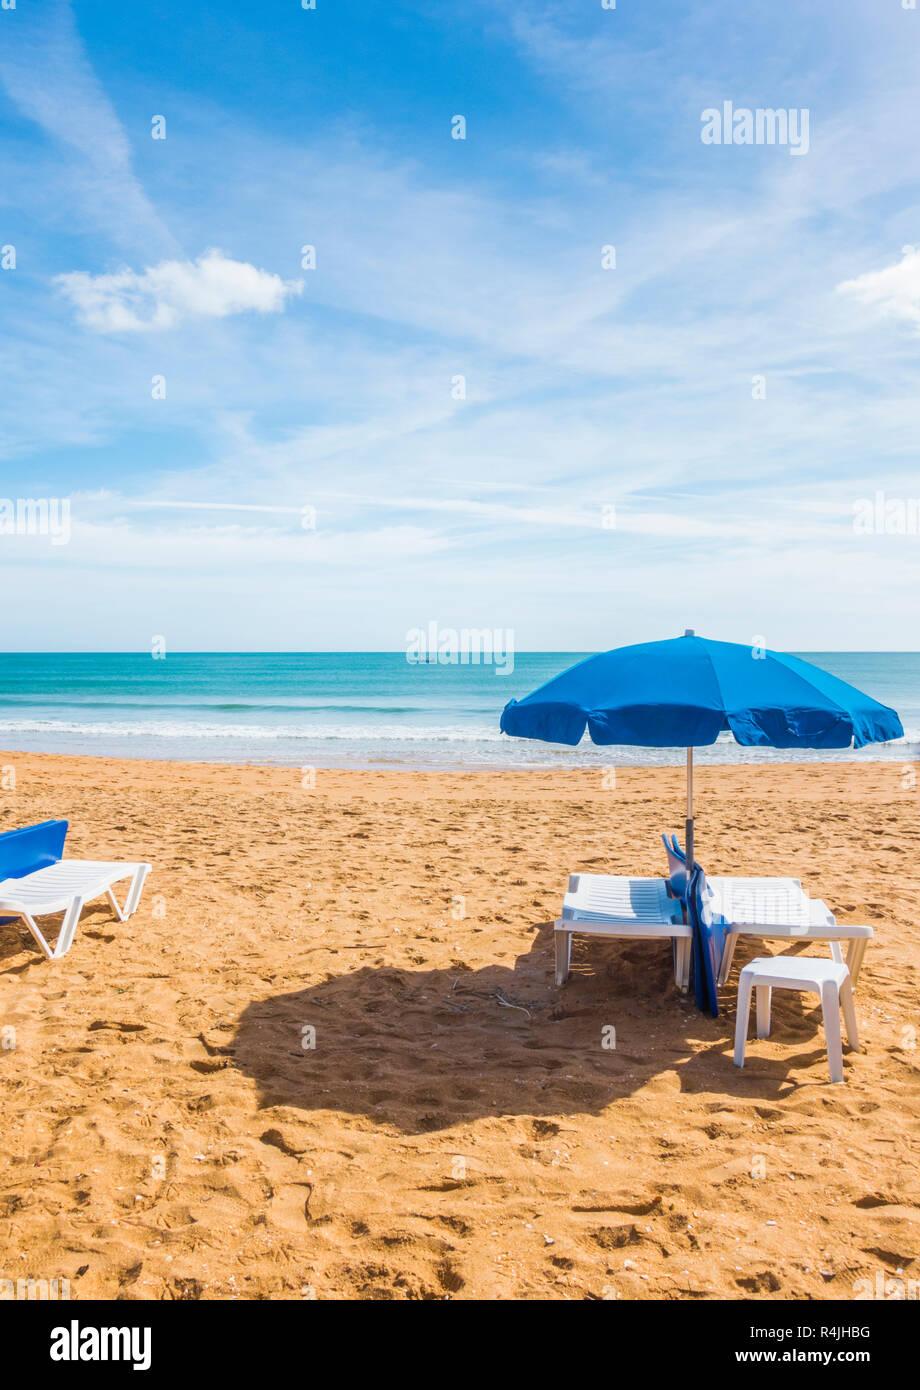 Blaue Sonnenschirme und Liegestühle am einsamen Strand Stockbild